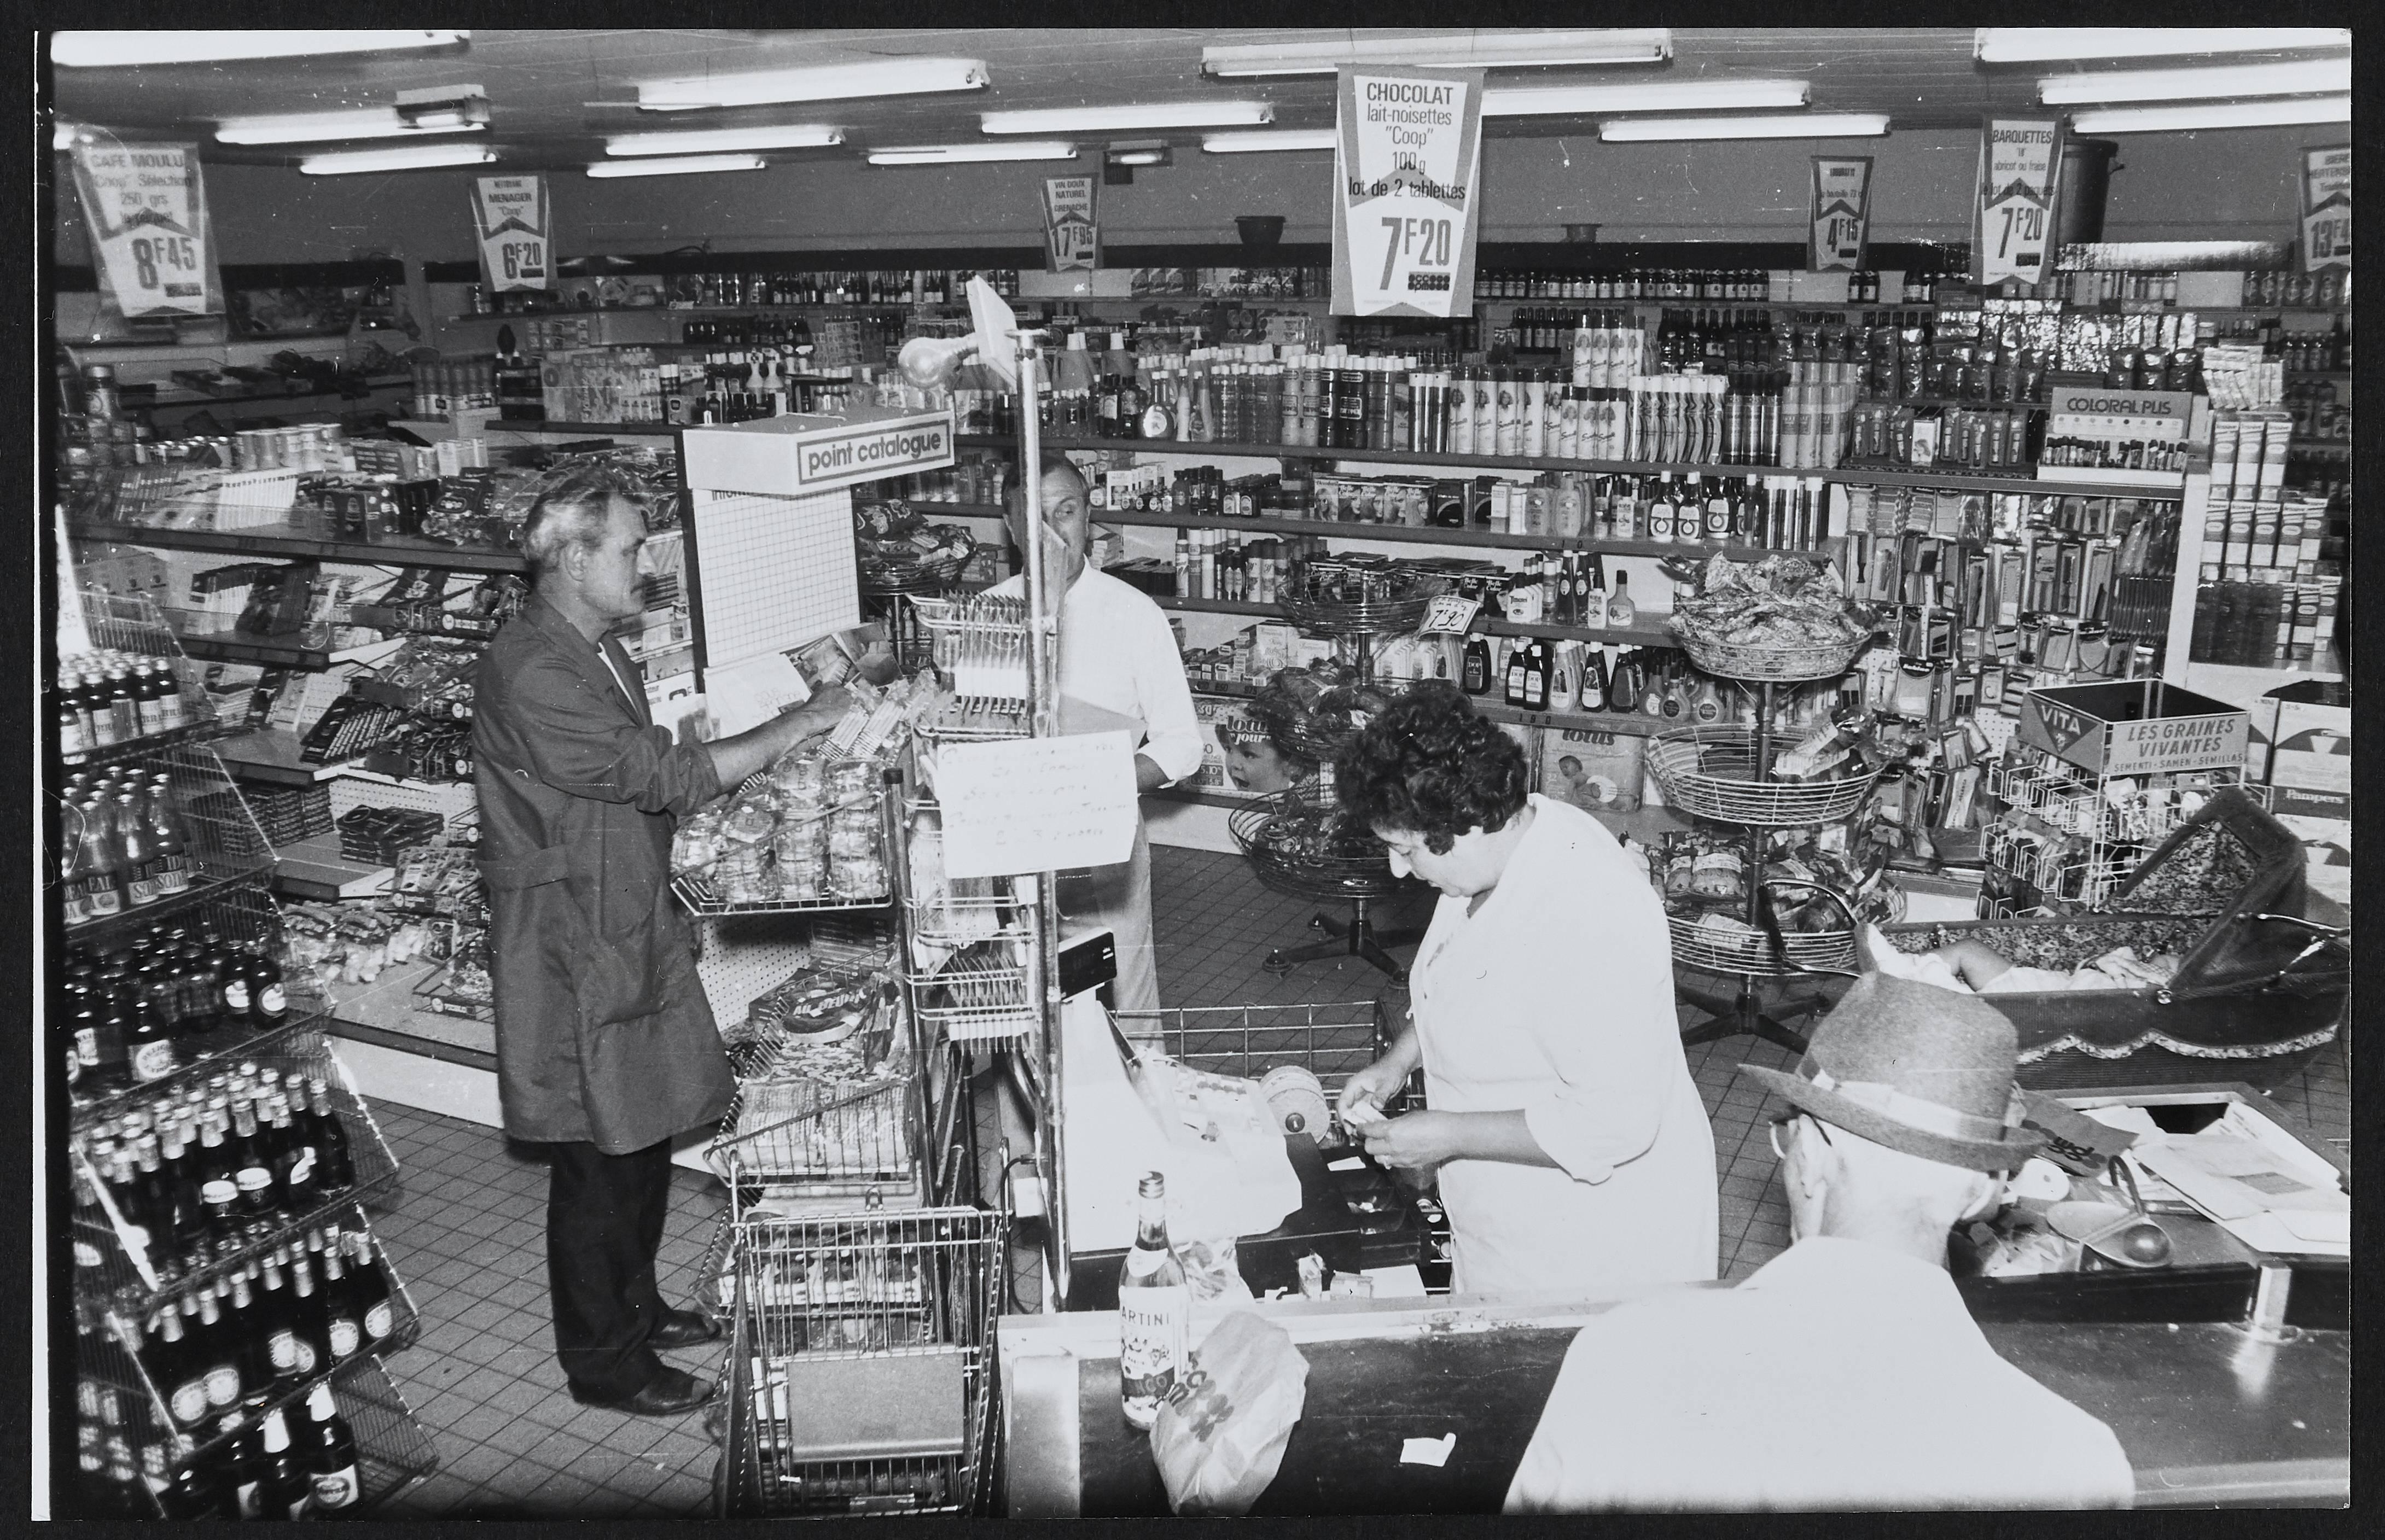 Clients, employés et rayons d'une coopérative minière : tirage photographique, Hulluch (Pas-de-Calais), 1982.